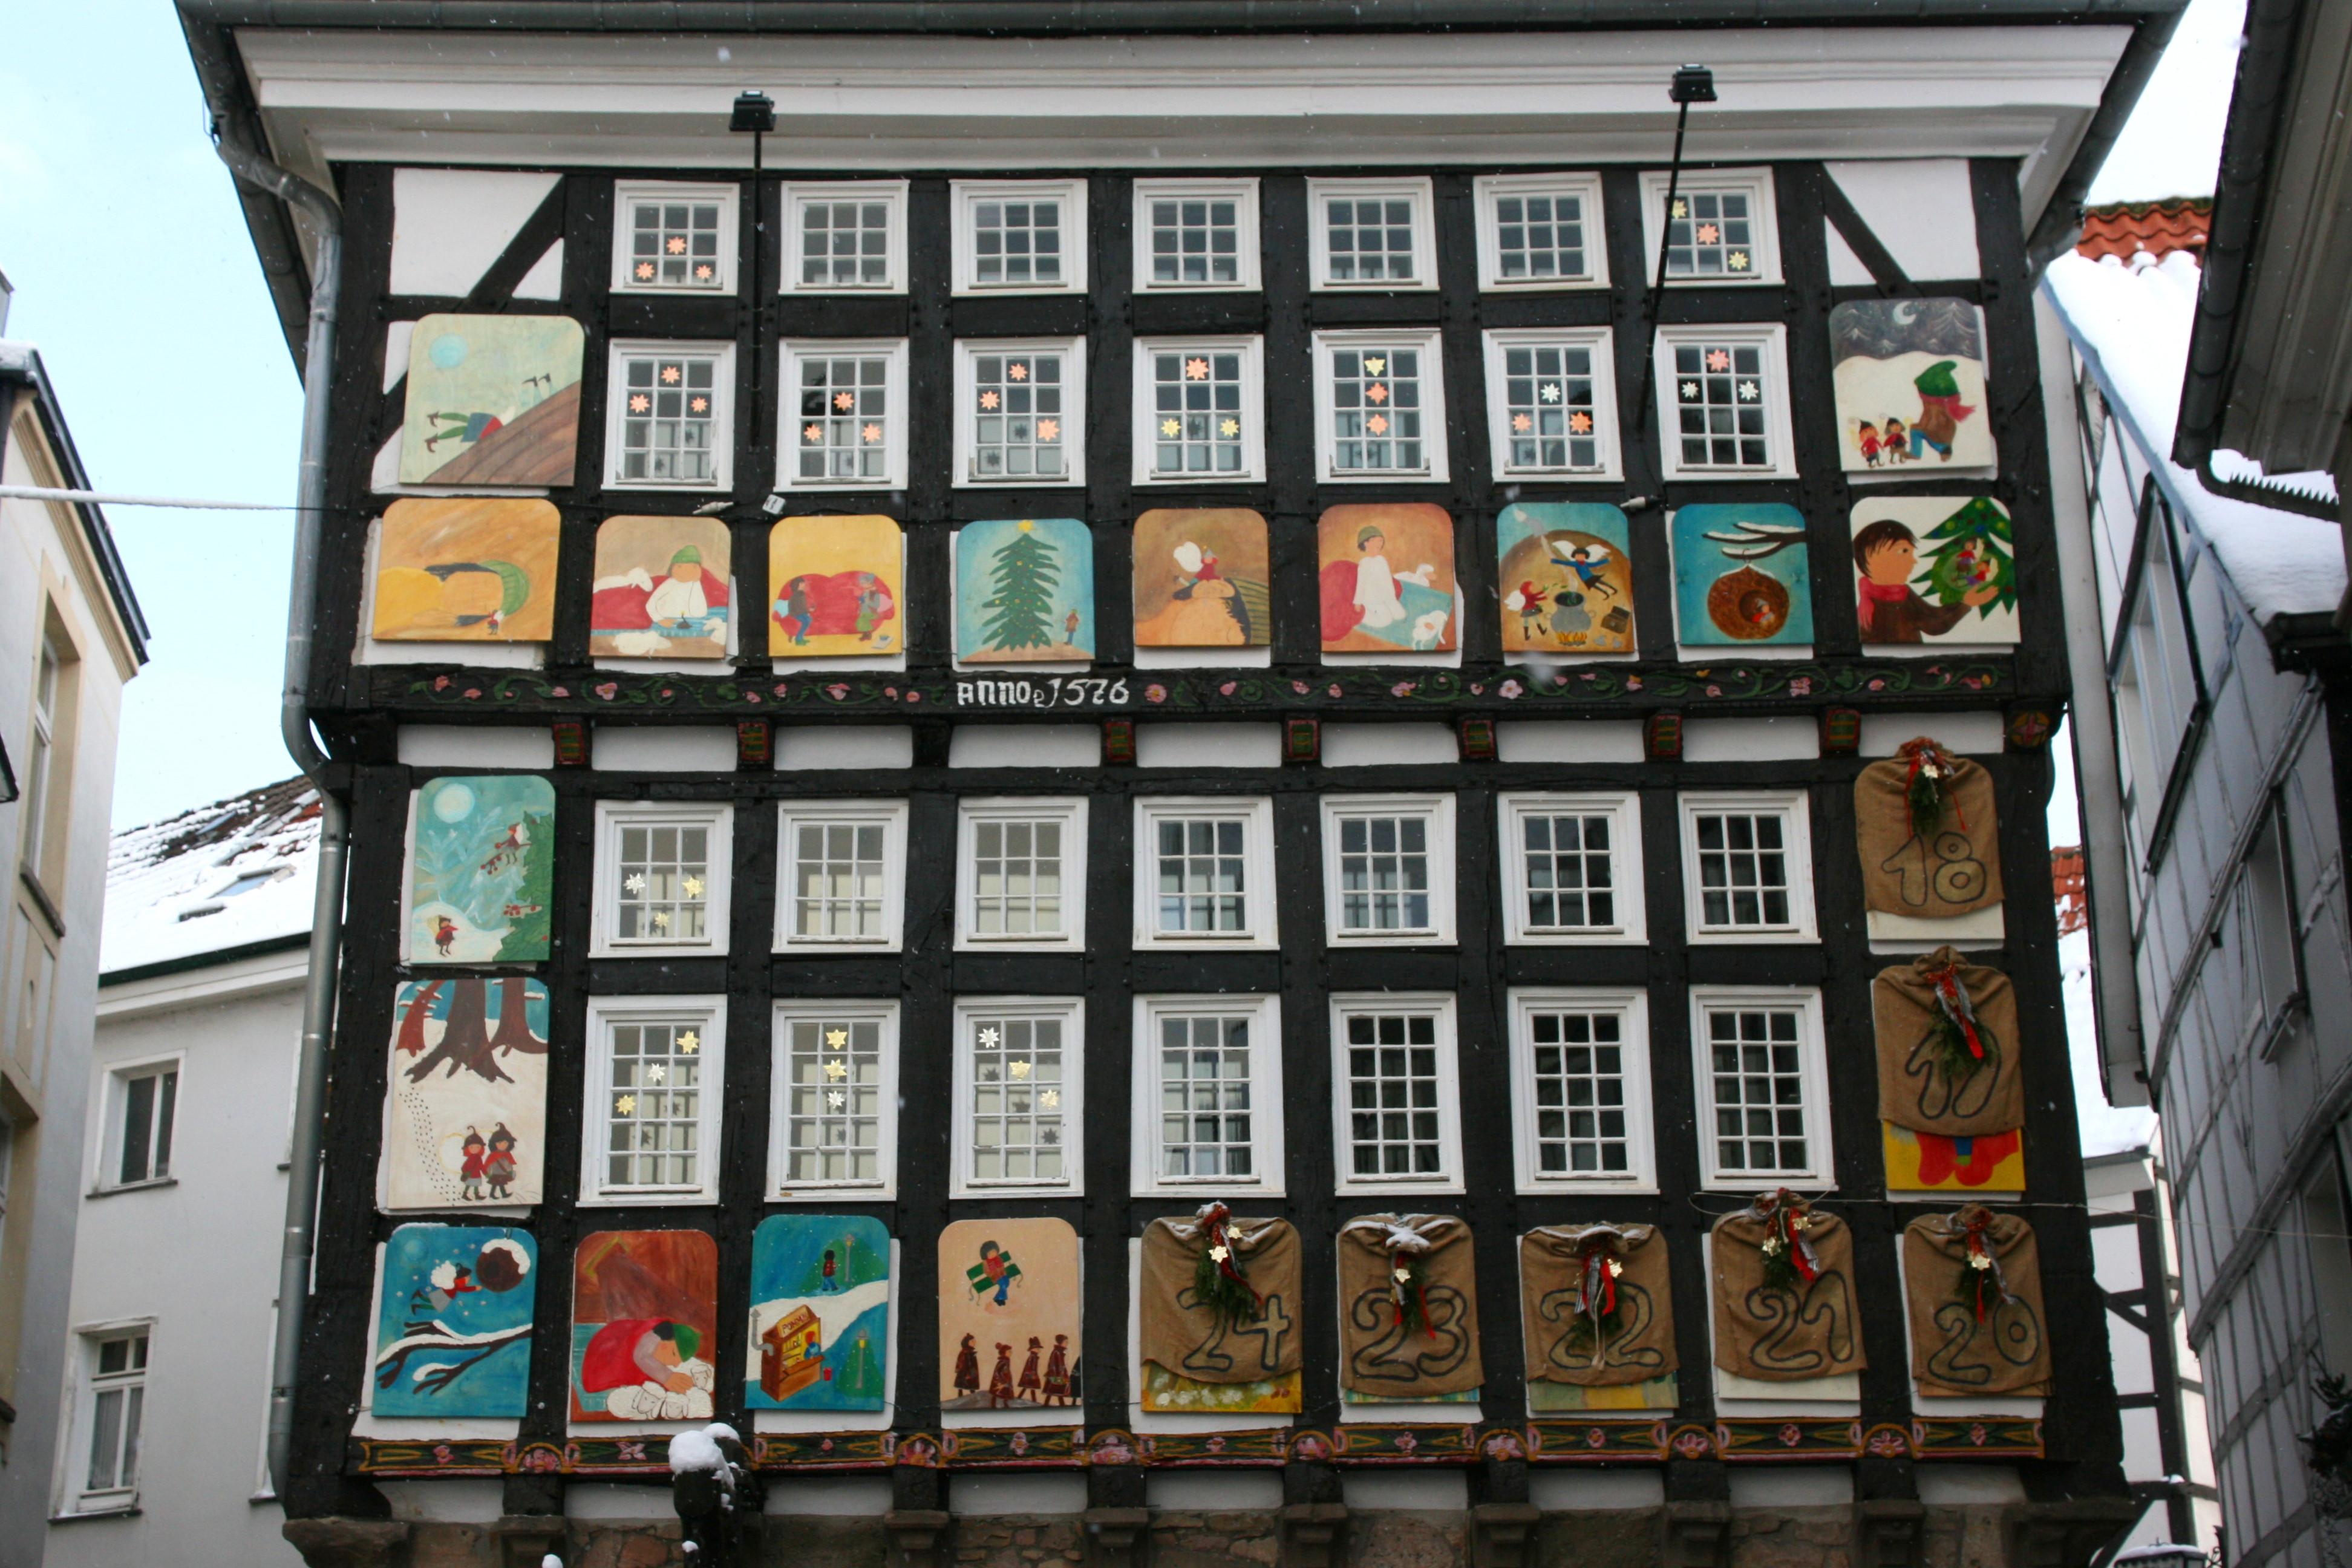 hattingen_untermarkt_altes_rathaus_09_ies_1.jpg